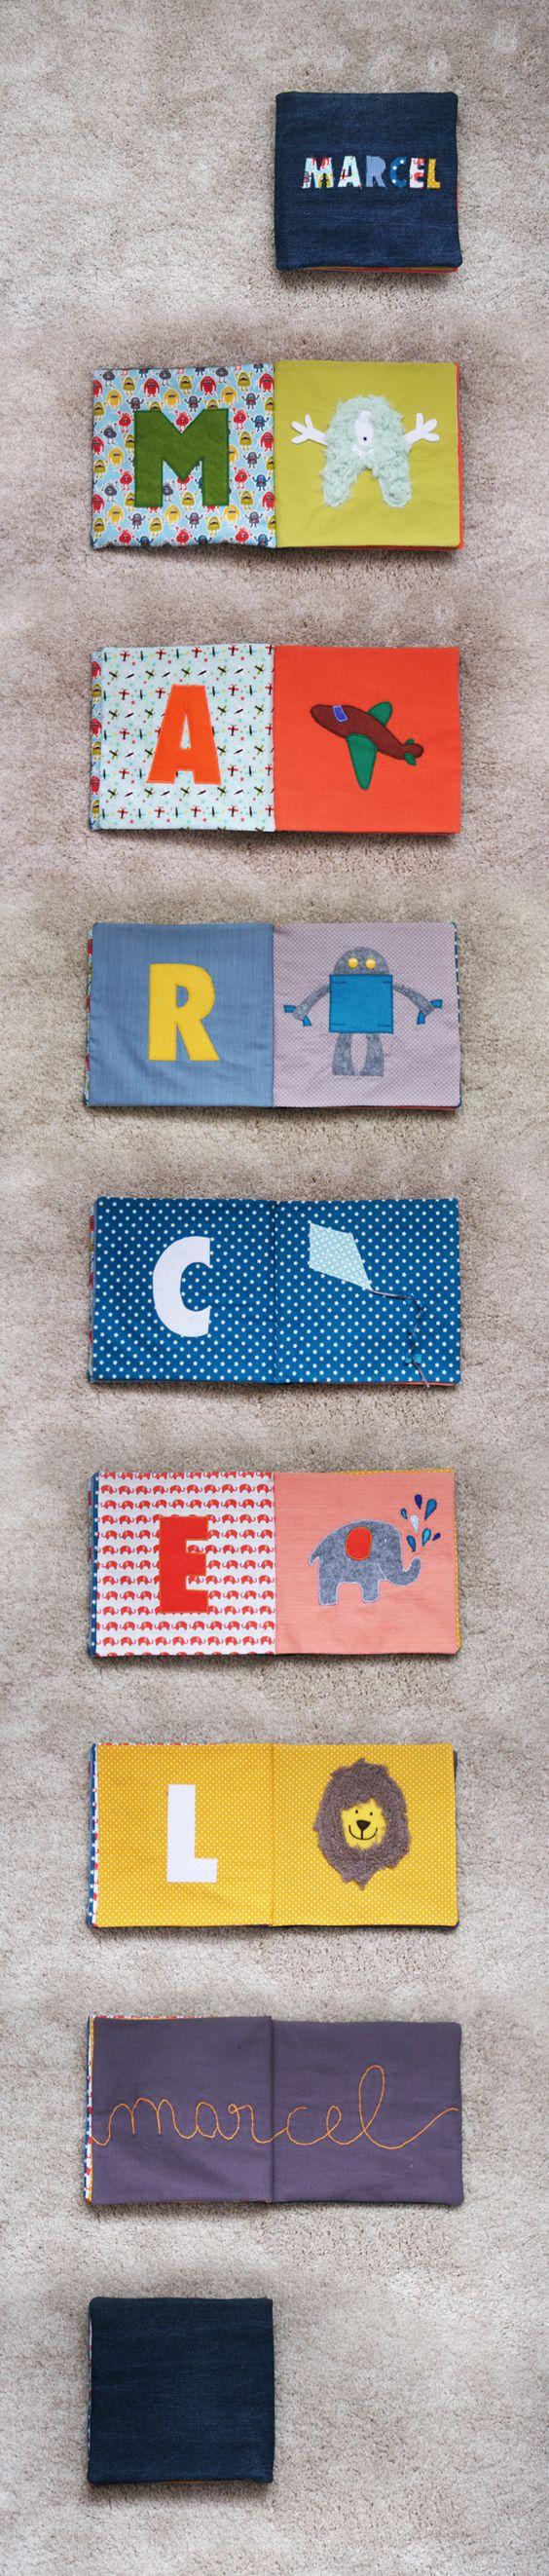 Petit Pois le blog - Un livre en tissu (quiet book) pour apprendre à écrire son prénom et apprendre les lettres de l'alphabet !